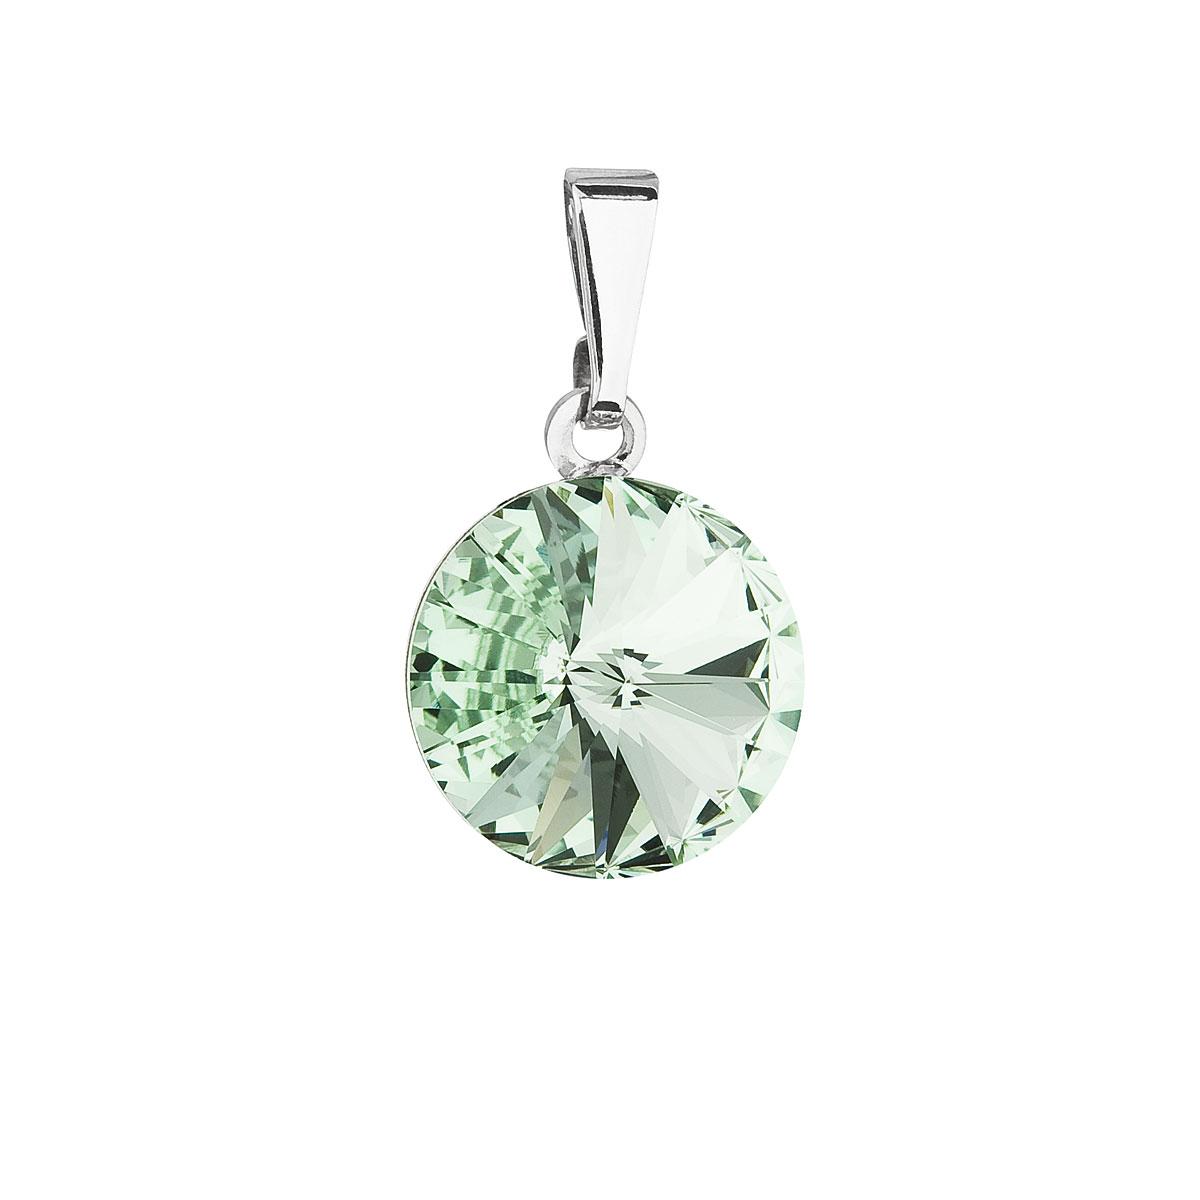 Evolution Group Přívěsek se Swarovski krystaly zelený kulatý 54001.3